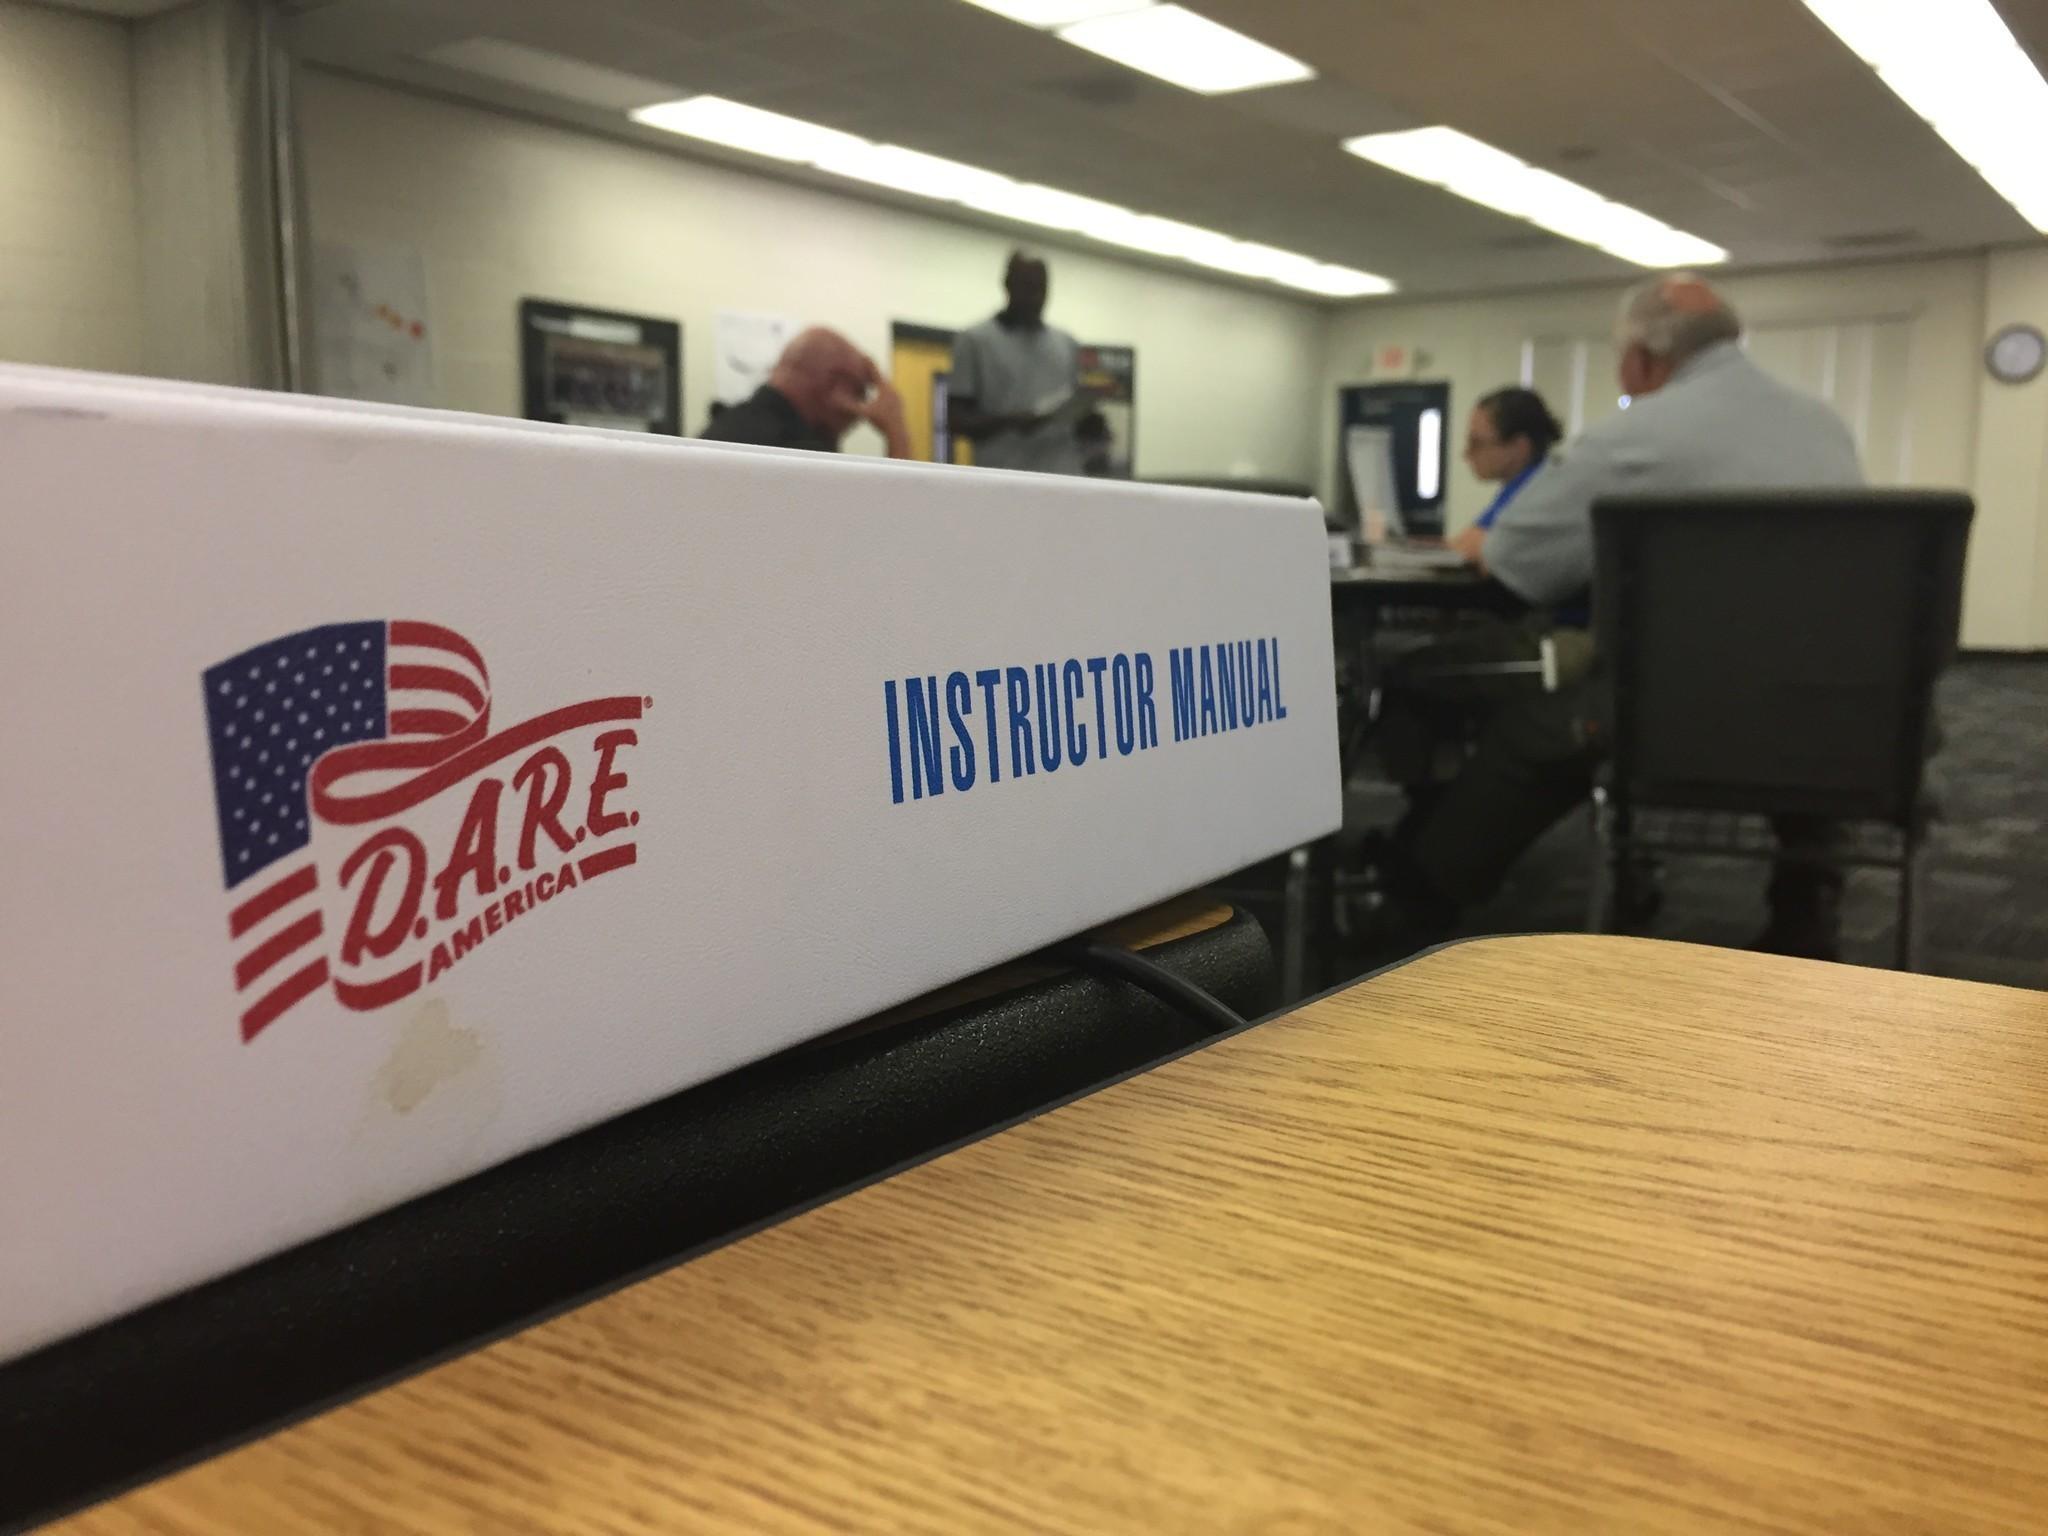 Lake sheriff bringing back drug-education program to classrooms